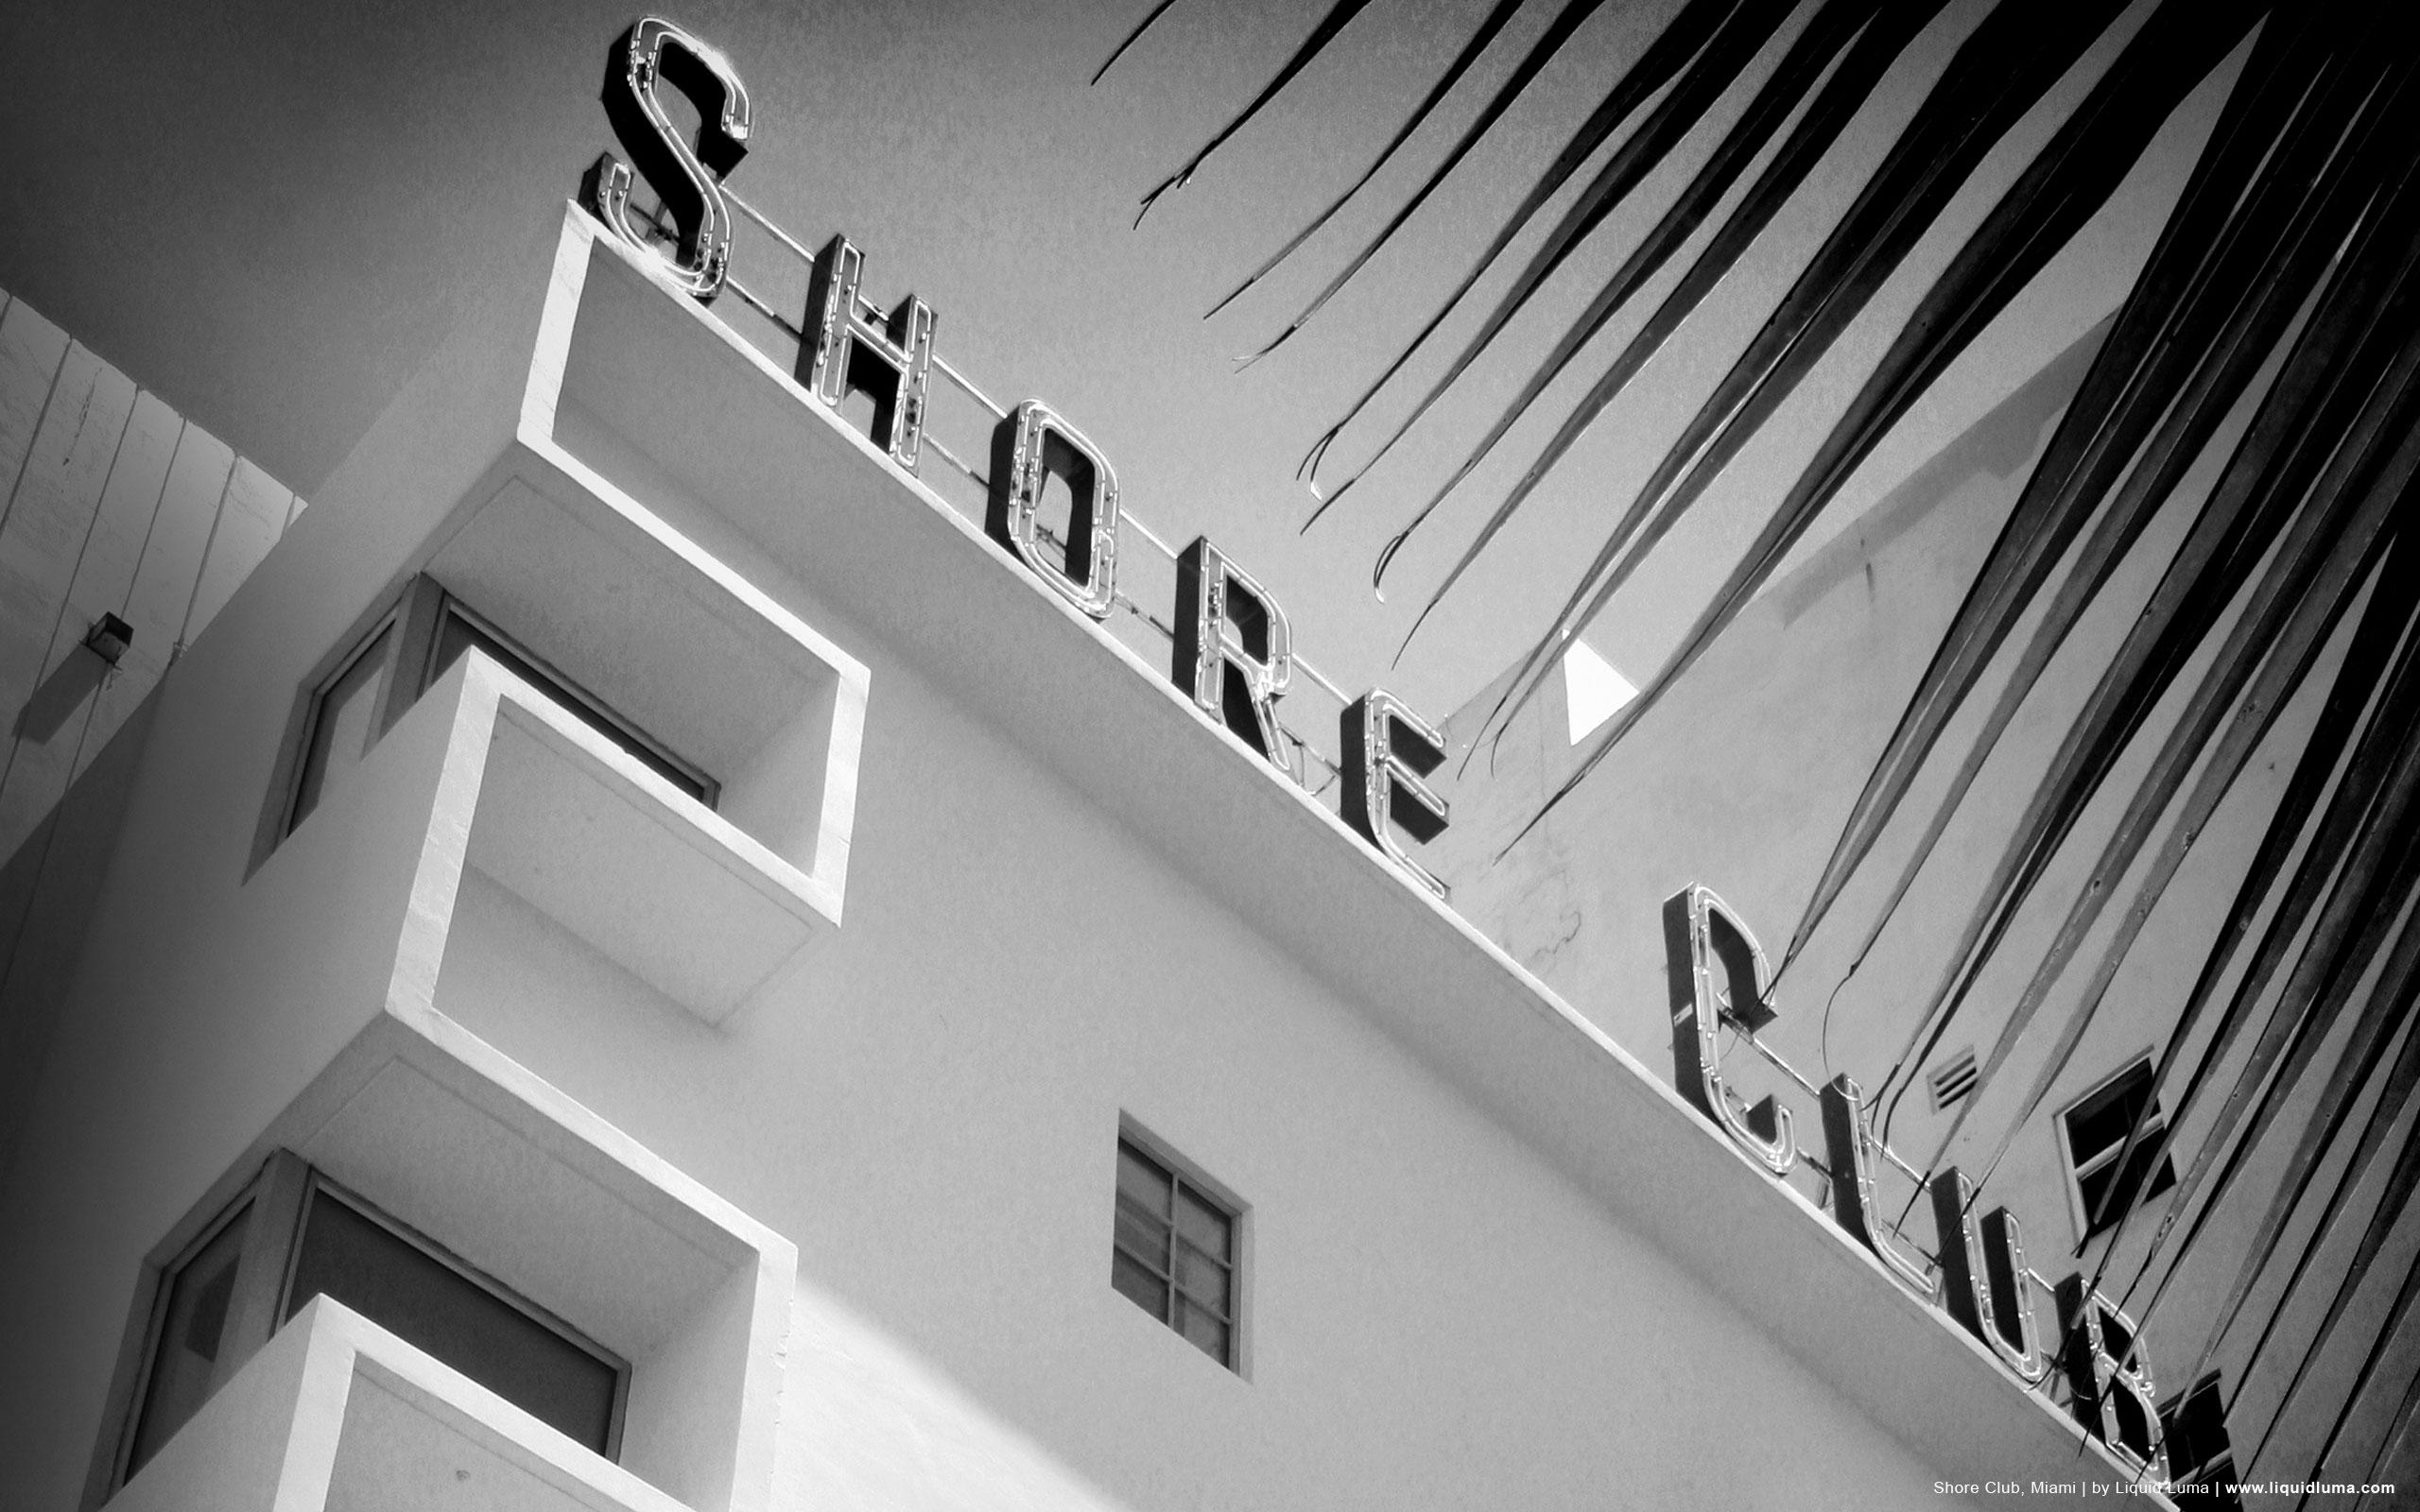 壁纸2560×1600纯粹的光影美学 人文建筑黑白摄影壁纸 Shore Club Miami 迈阿密海岸俱乐部桌面壁纸壁纸 纯粹的光影美学人文建筑黑白摄影壁纸壁纸图片人文壁纸人文图片素材桌面壁纸